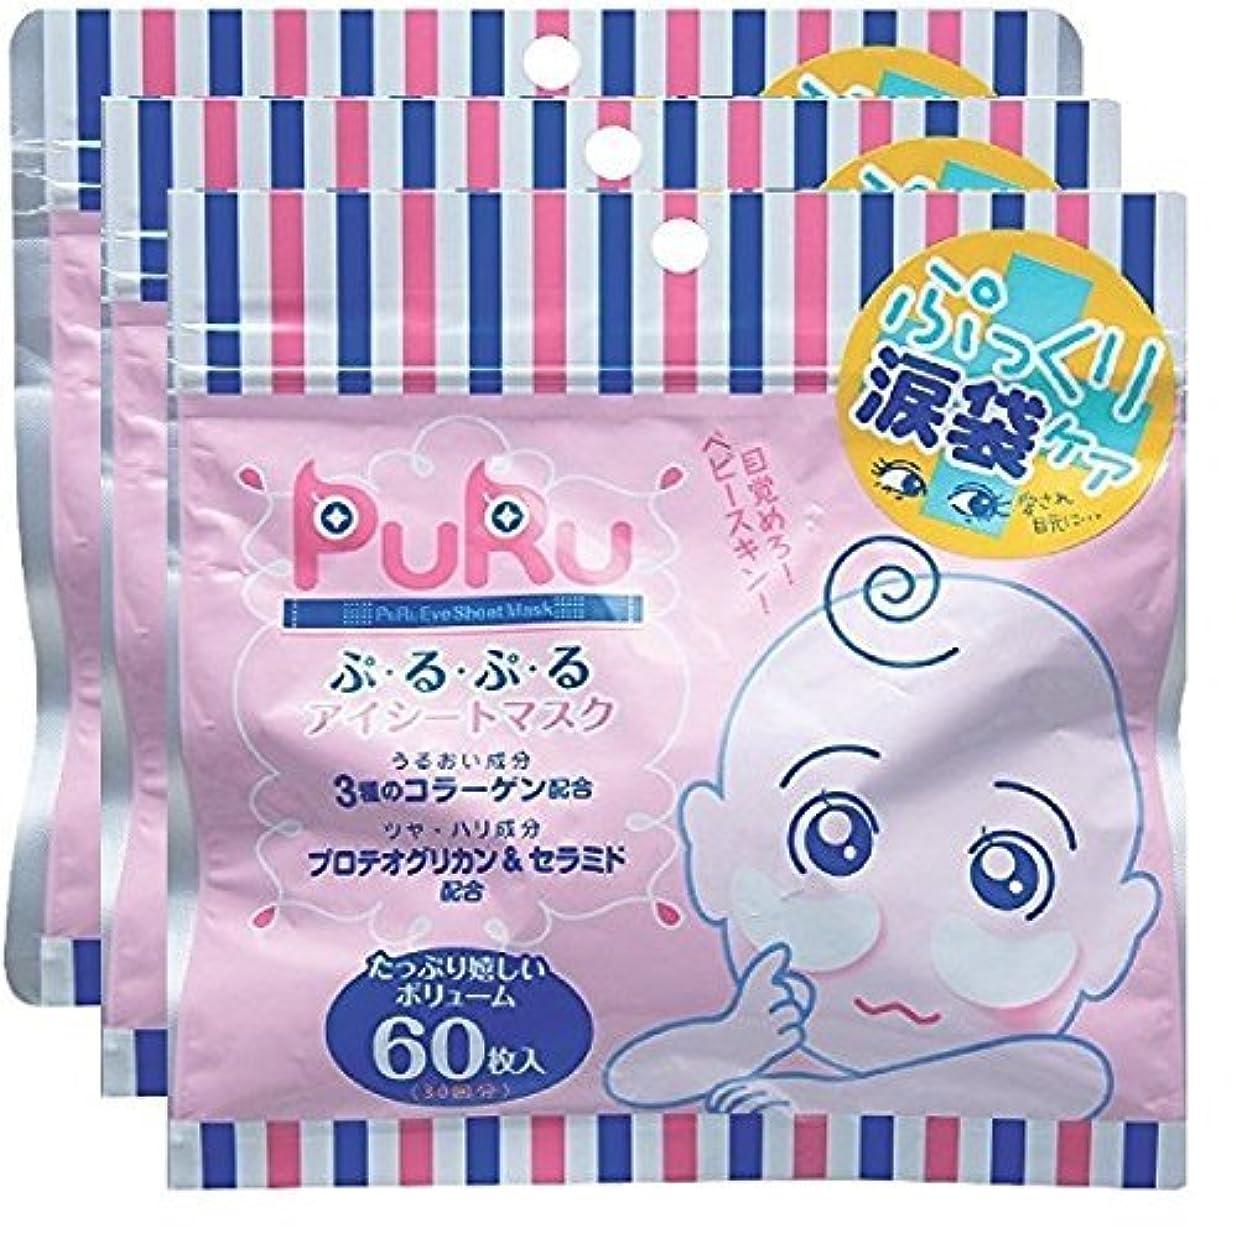 色キャンペーンるぷるぷるアイシートマスク 60枚入り×3セット